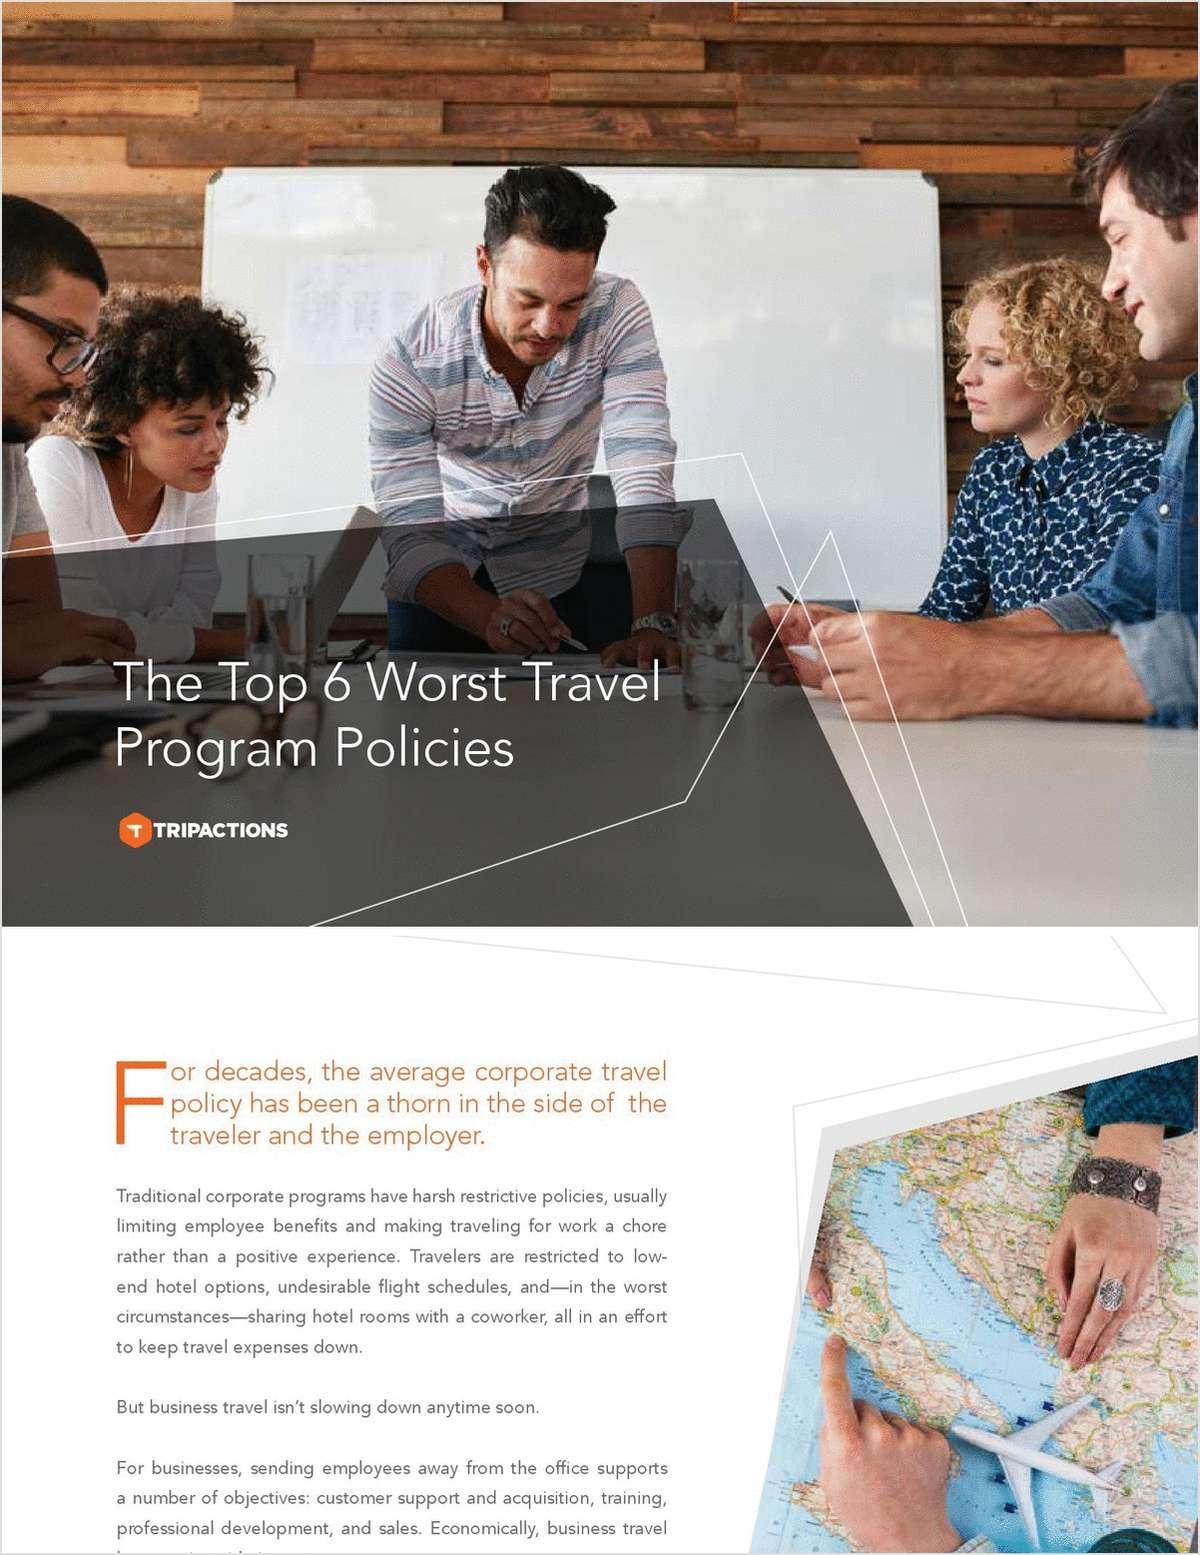 Top 6 Worst Travel Program Policies